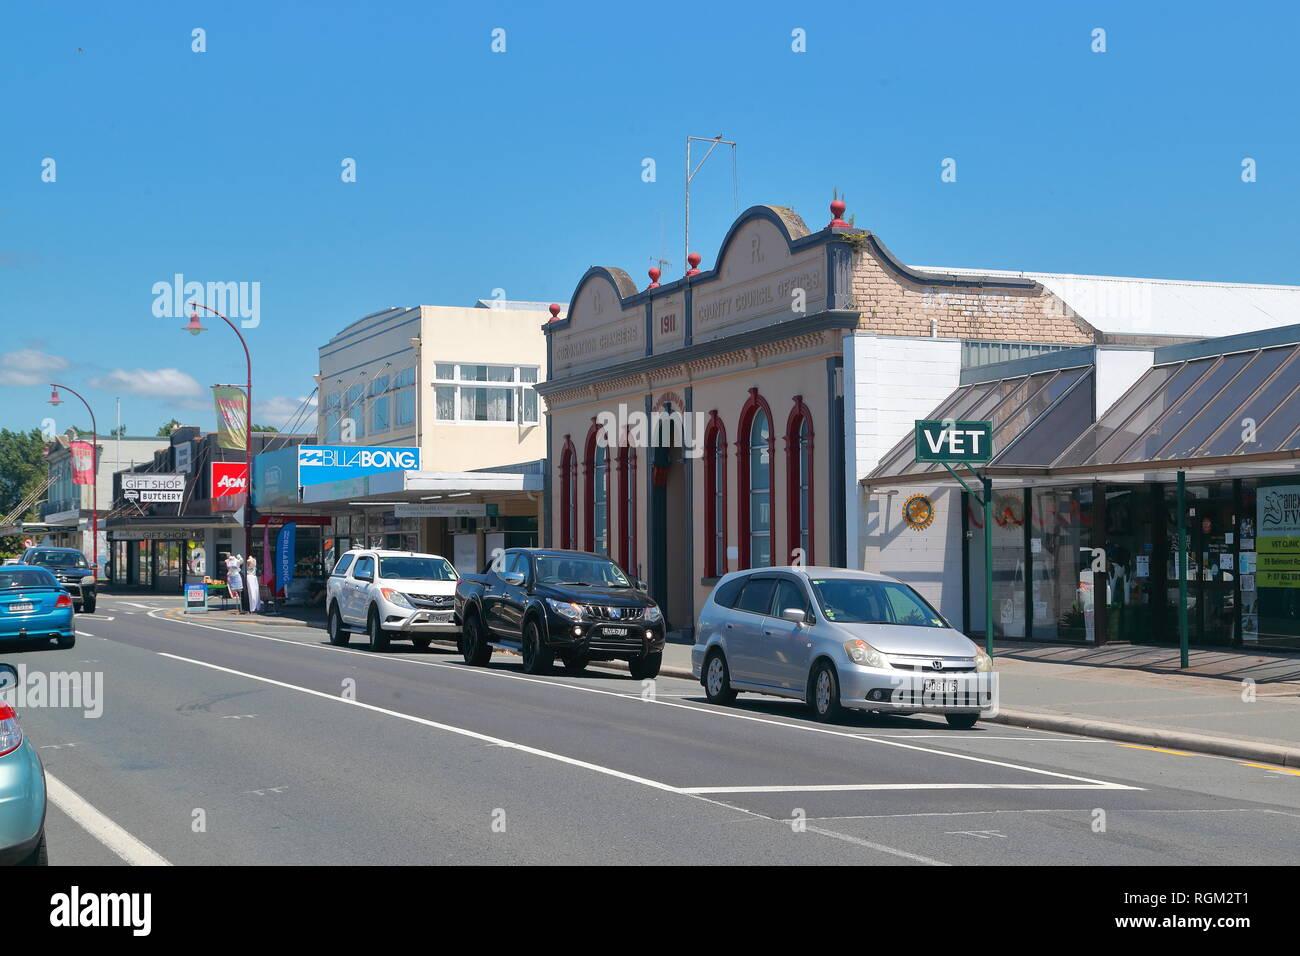 Avis de Belmont Rd dans Paeroa, Nouvelle-Zélande Photo Stock